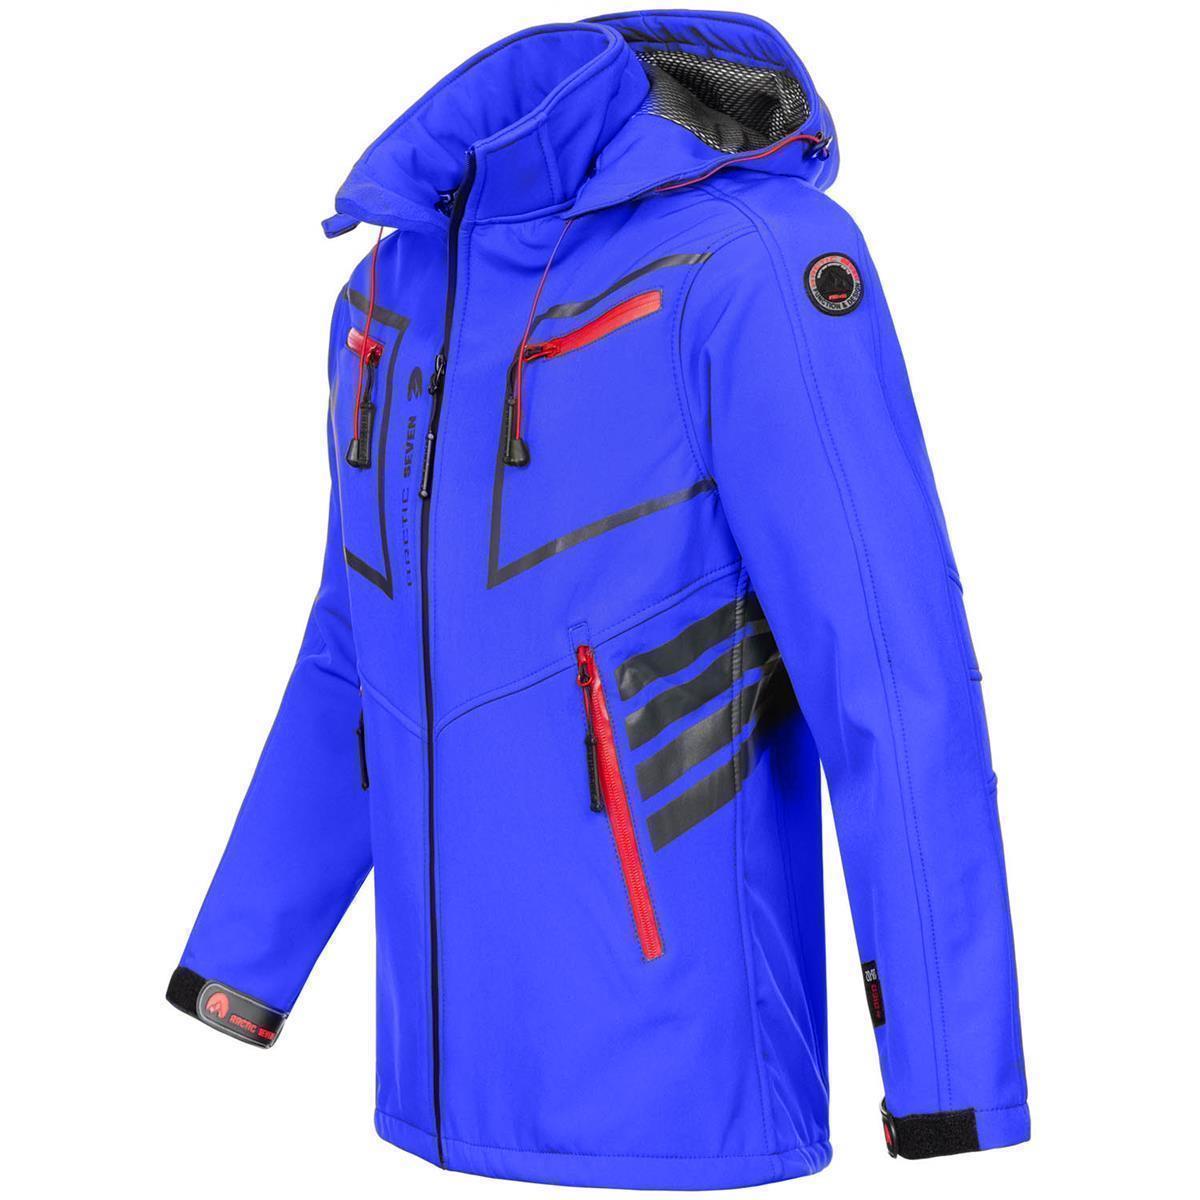 Arctic-Seven-Herren-Designer-Softshell-Funktions-Outdoor-Regen-Jacke-Sport-AS088 Indexbild 39